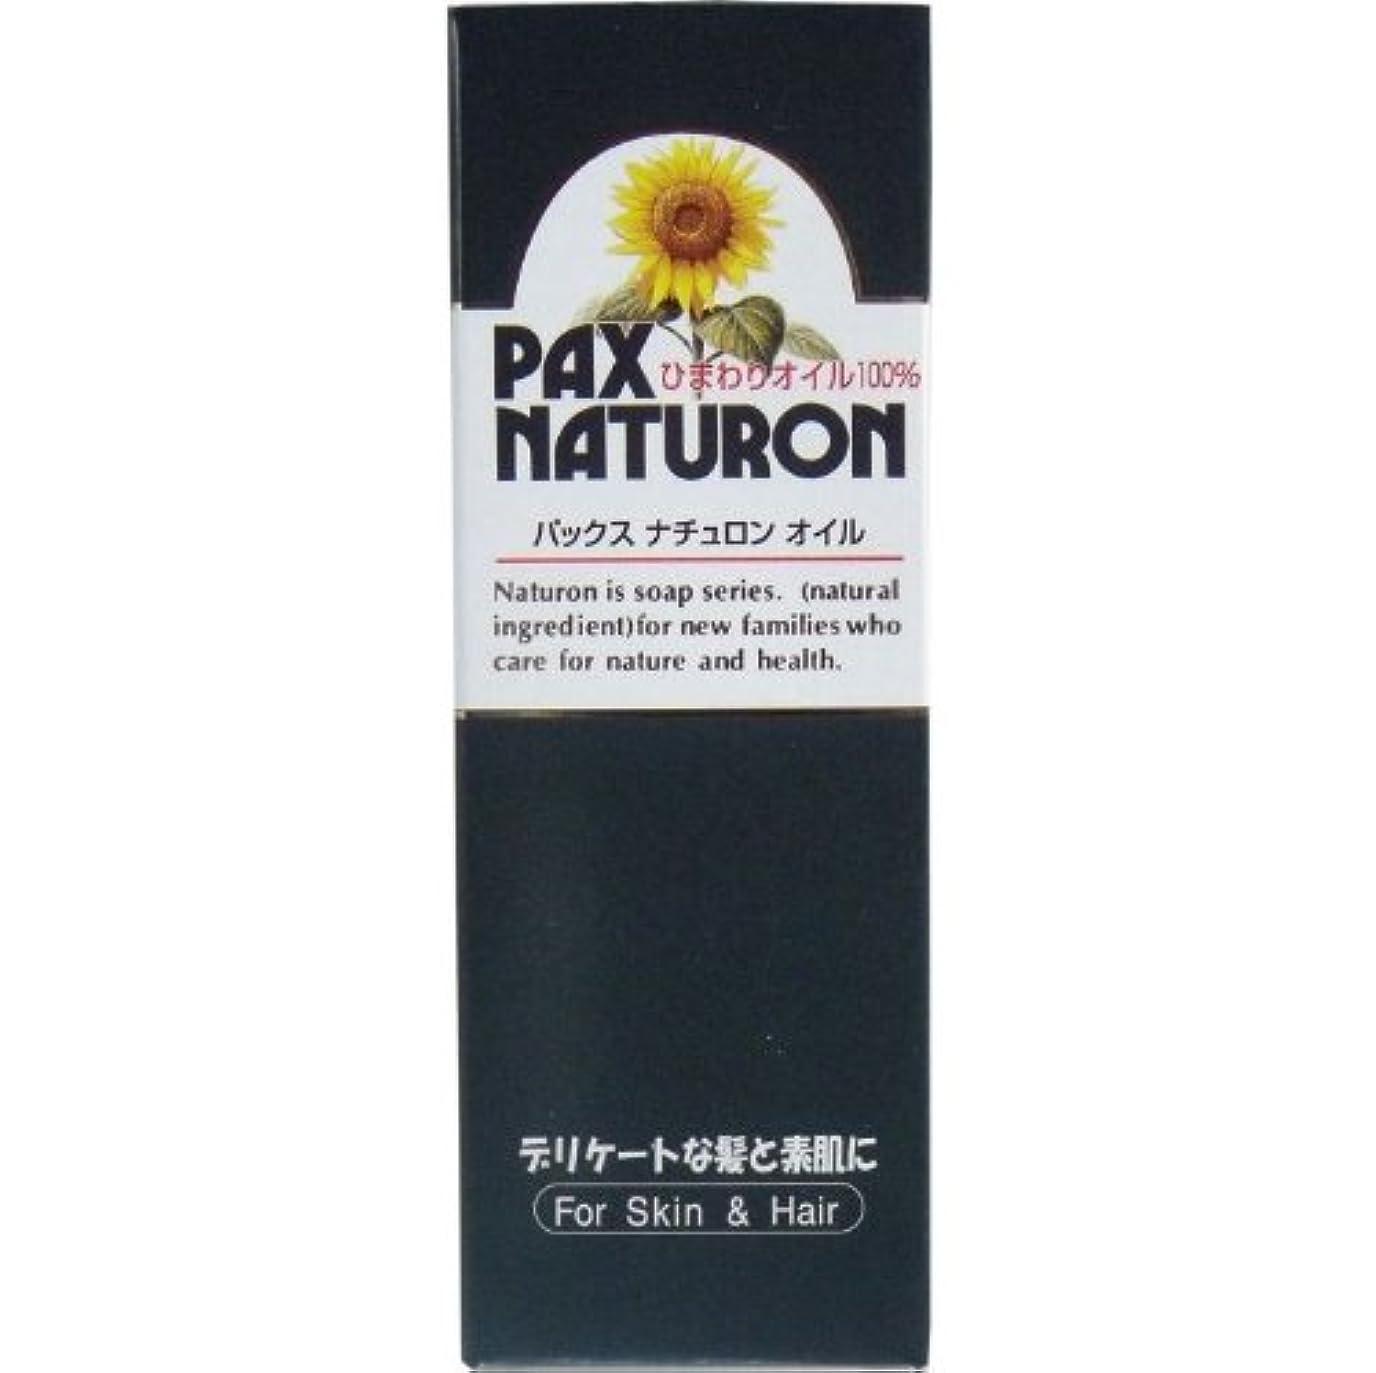 日の出モート決済デリケートな髪と素肌に!ひまわりの種子から採った ハイオレイックひまわり油 60mL【4個セット】